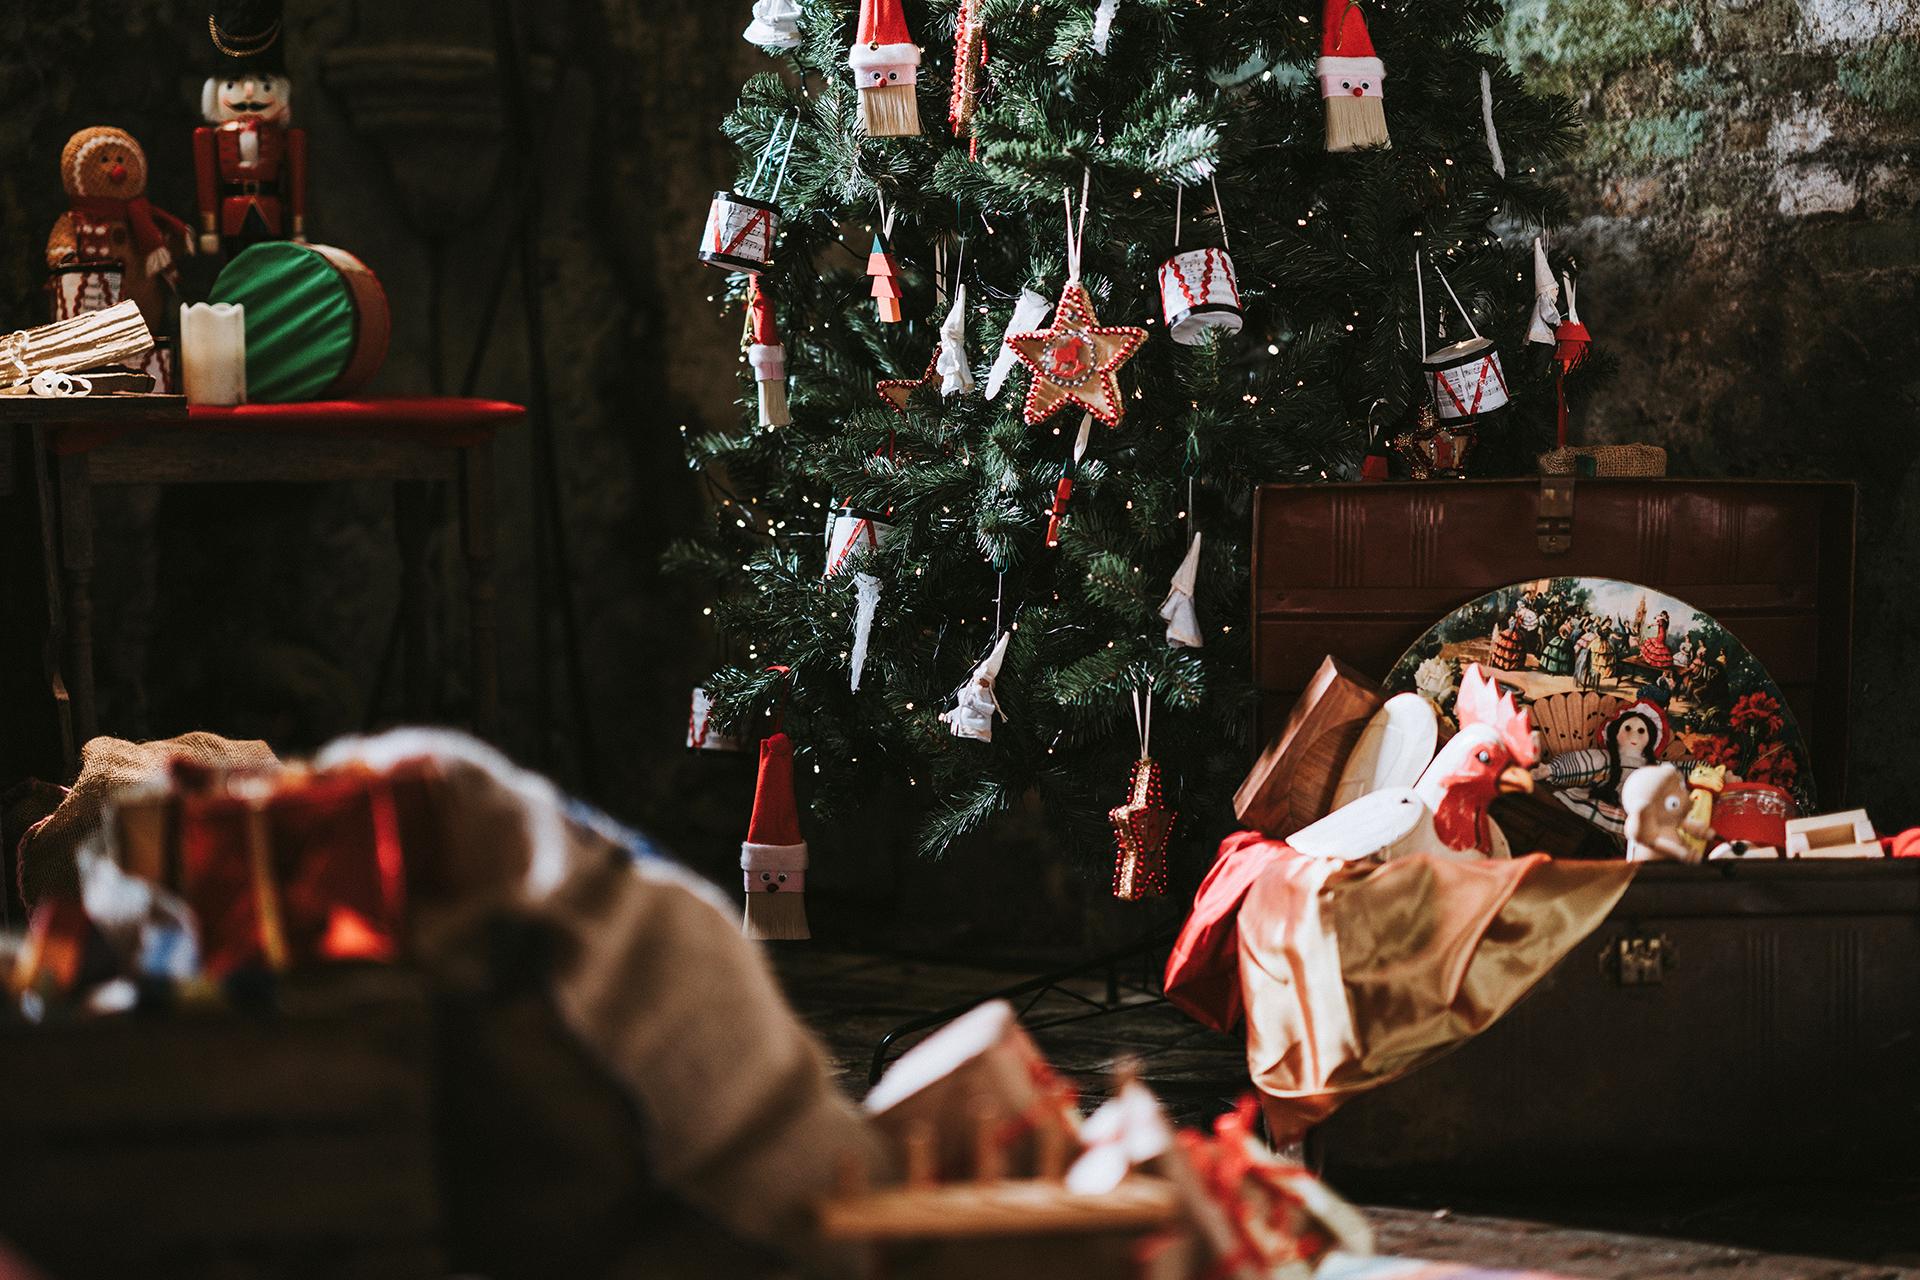 Weihnachten ist ein Fest voller Rituale